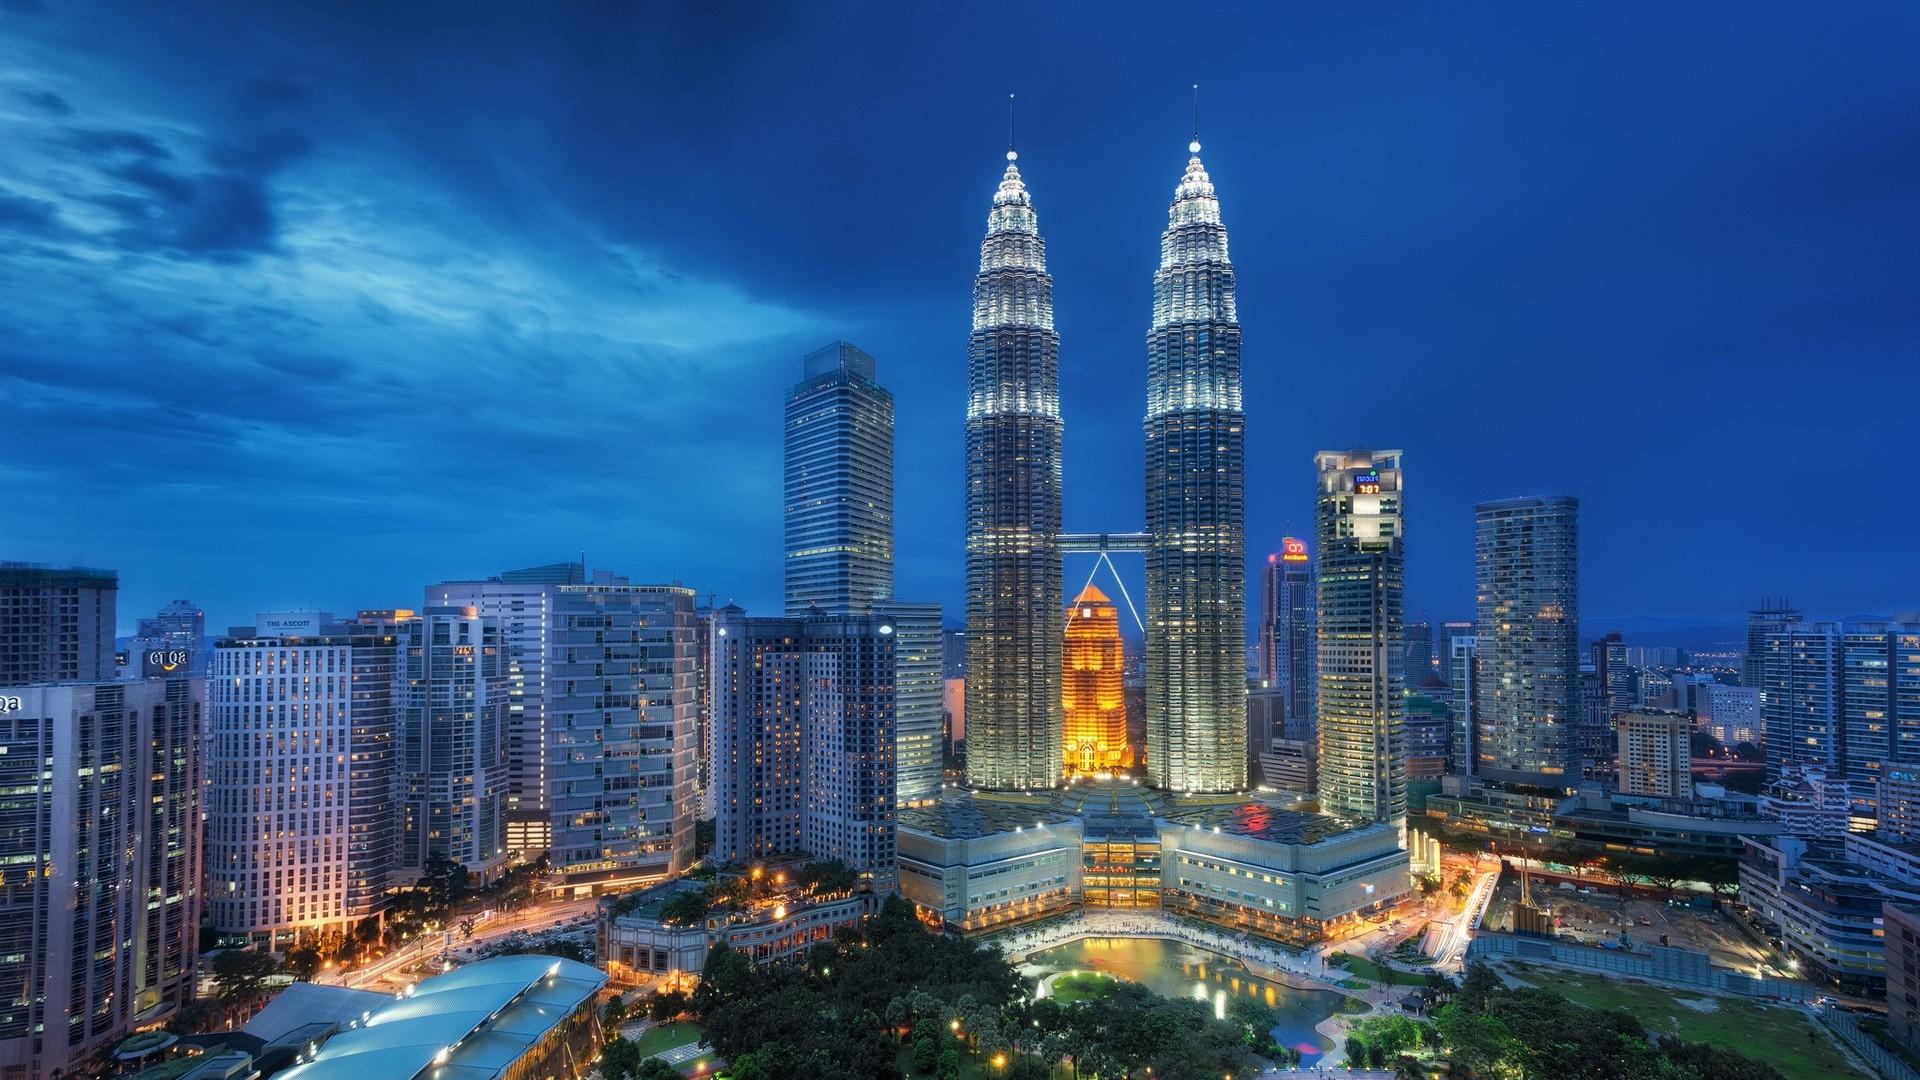 singapore_night_petronas_twin_towers_85120_1920x1080.jpg